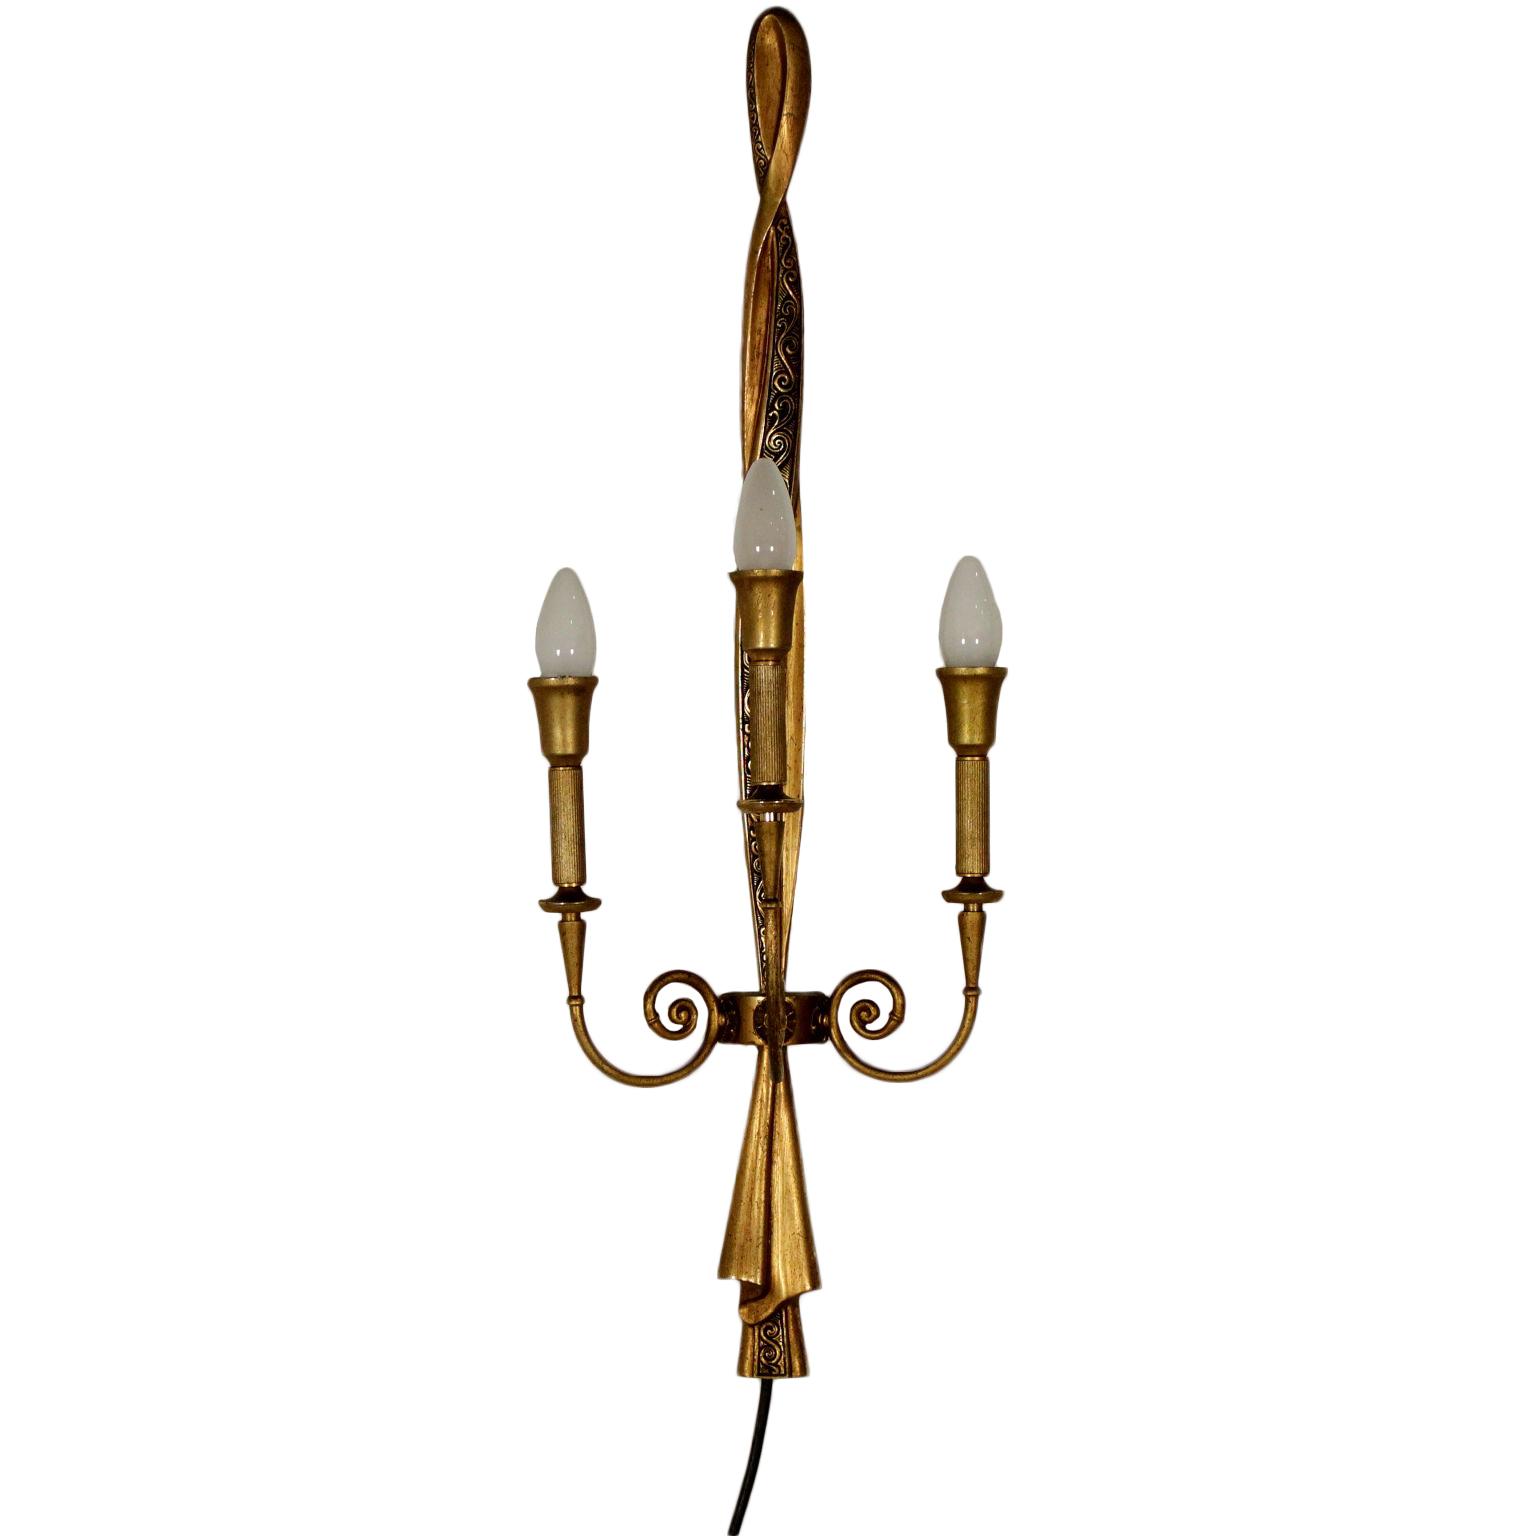 Applique a tre luci - Illuminazione - Bottega del 900 - dimanoinmano.it